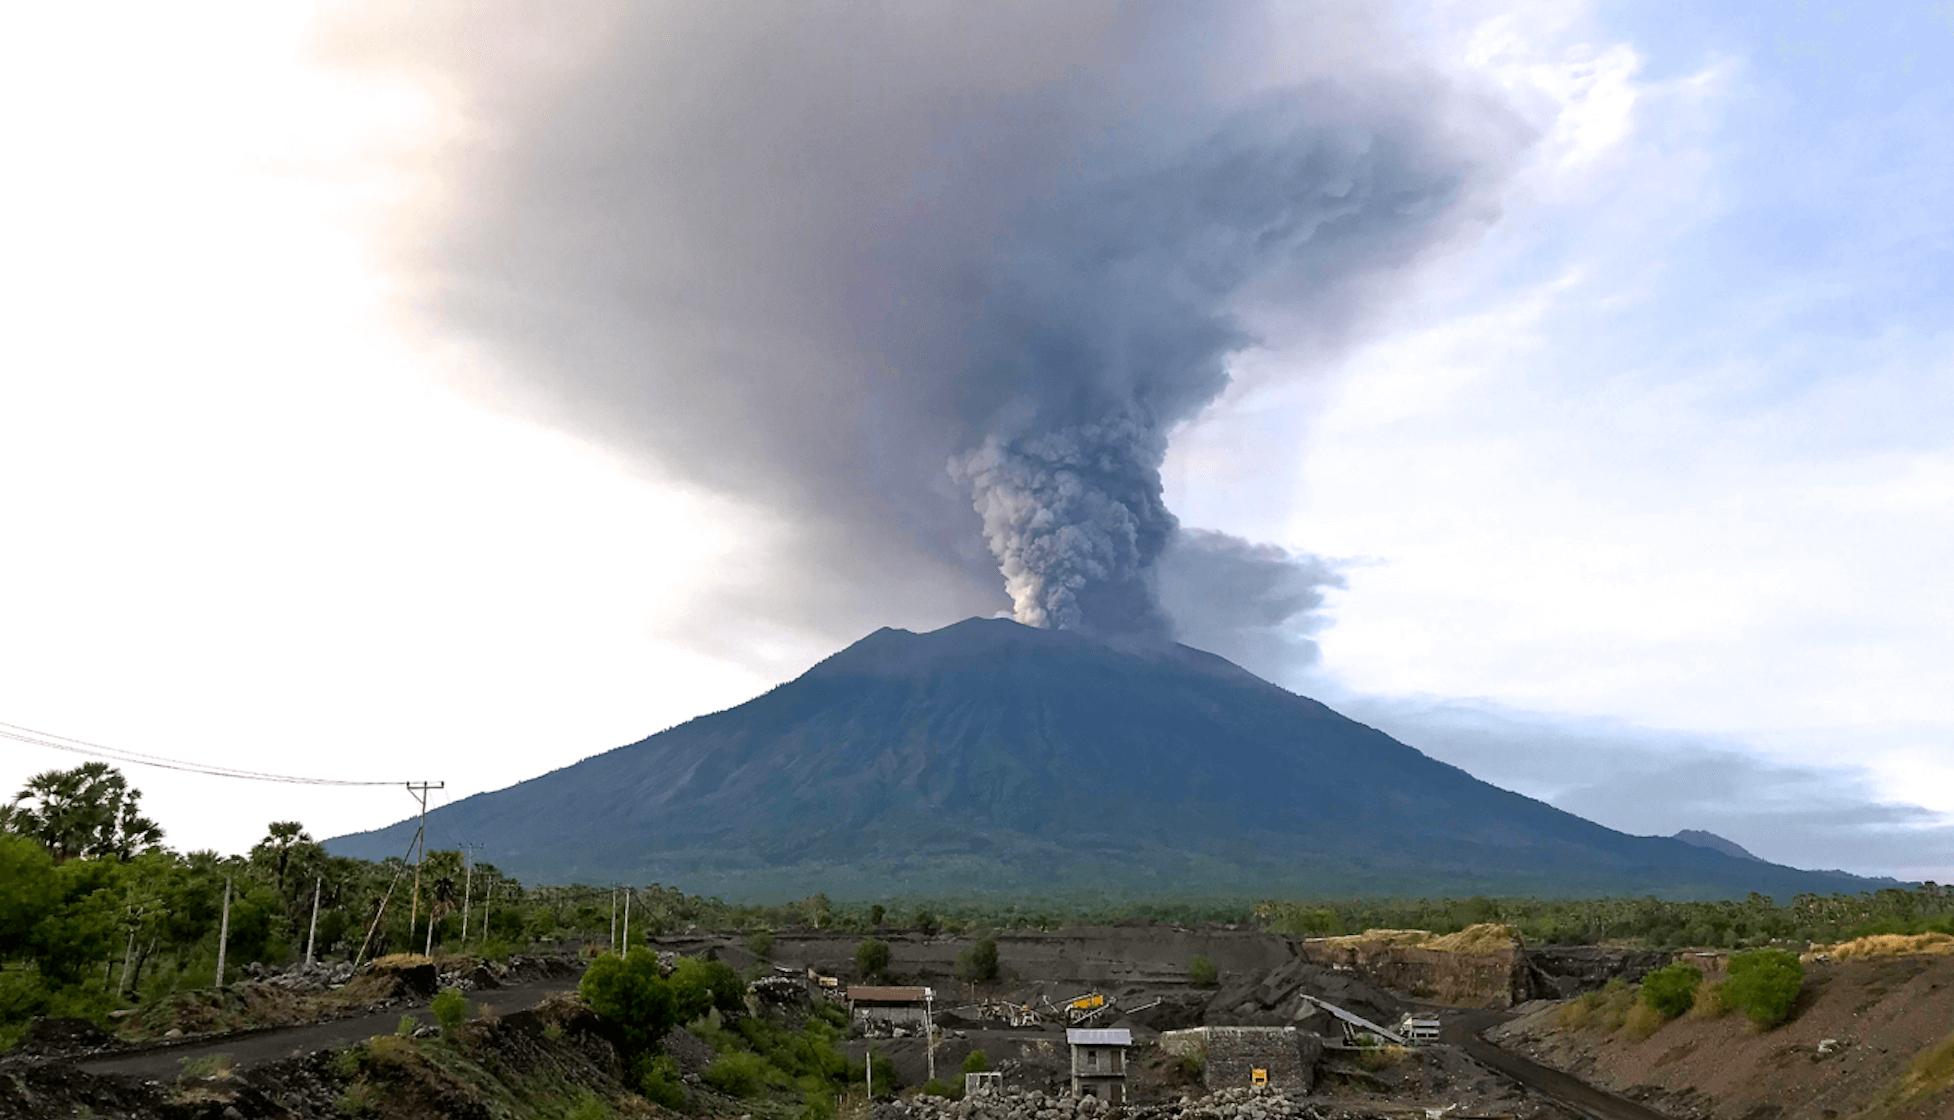 הקושי בחיזוי התפרצות הר געש - טבע - מדע פלוס